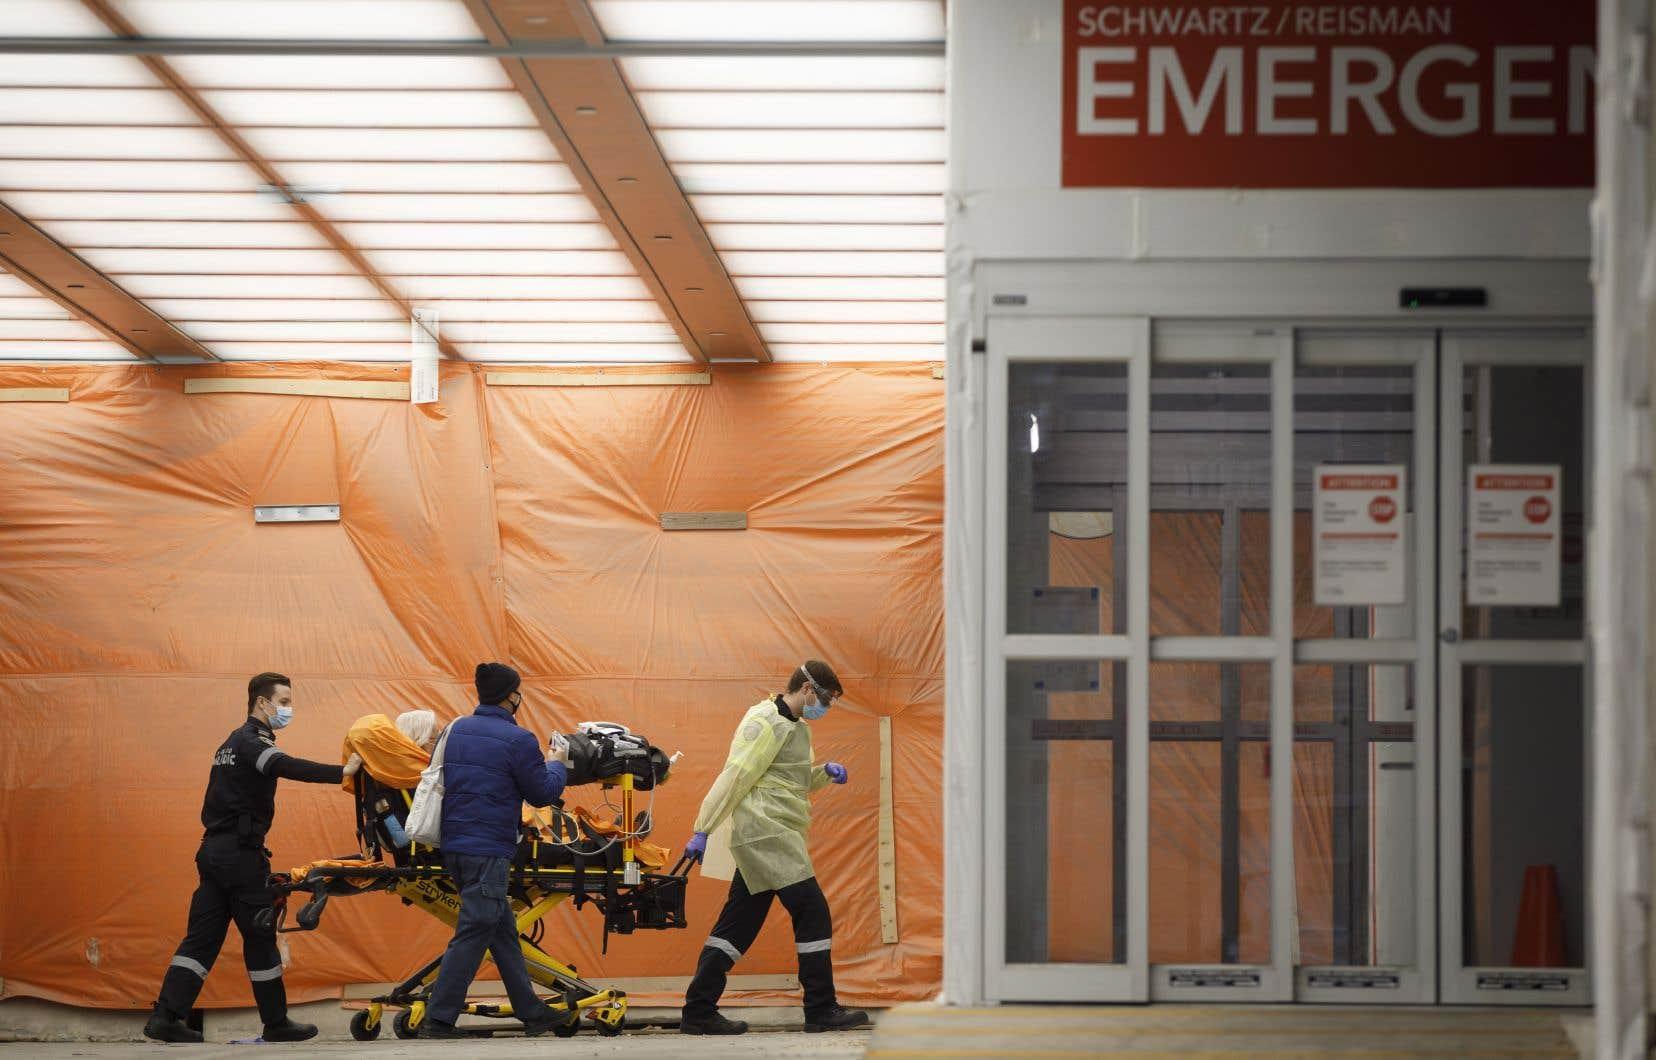 Le nombre de décès liés à la COVID-19 peut être sous-estimé, selon des experts - Le Devoir